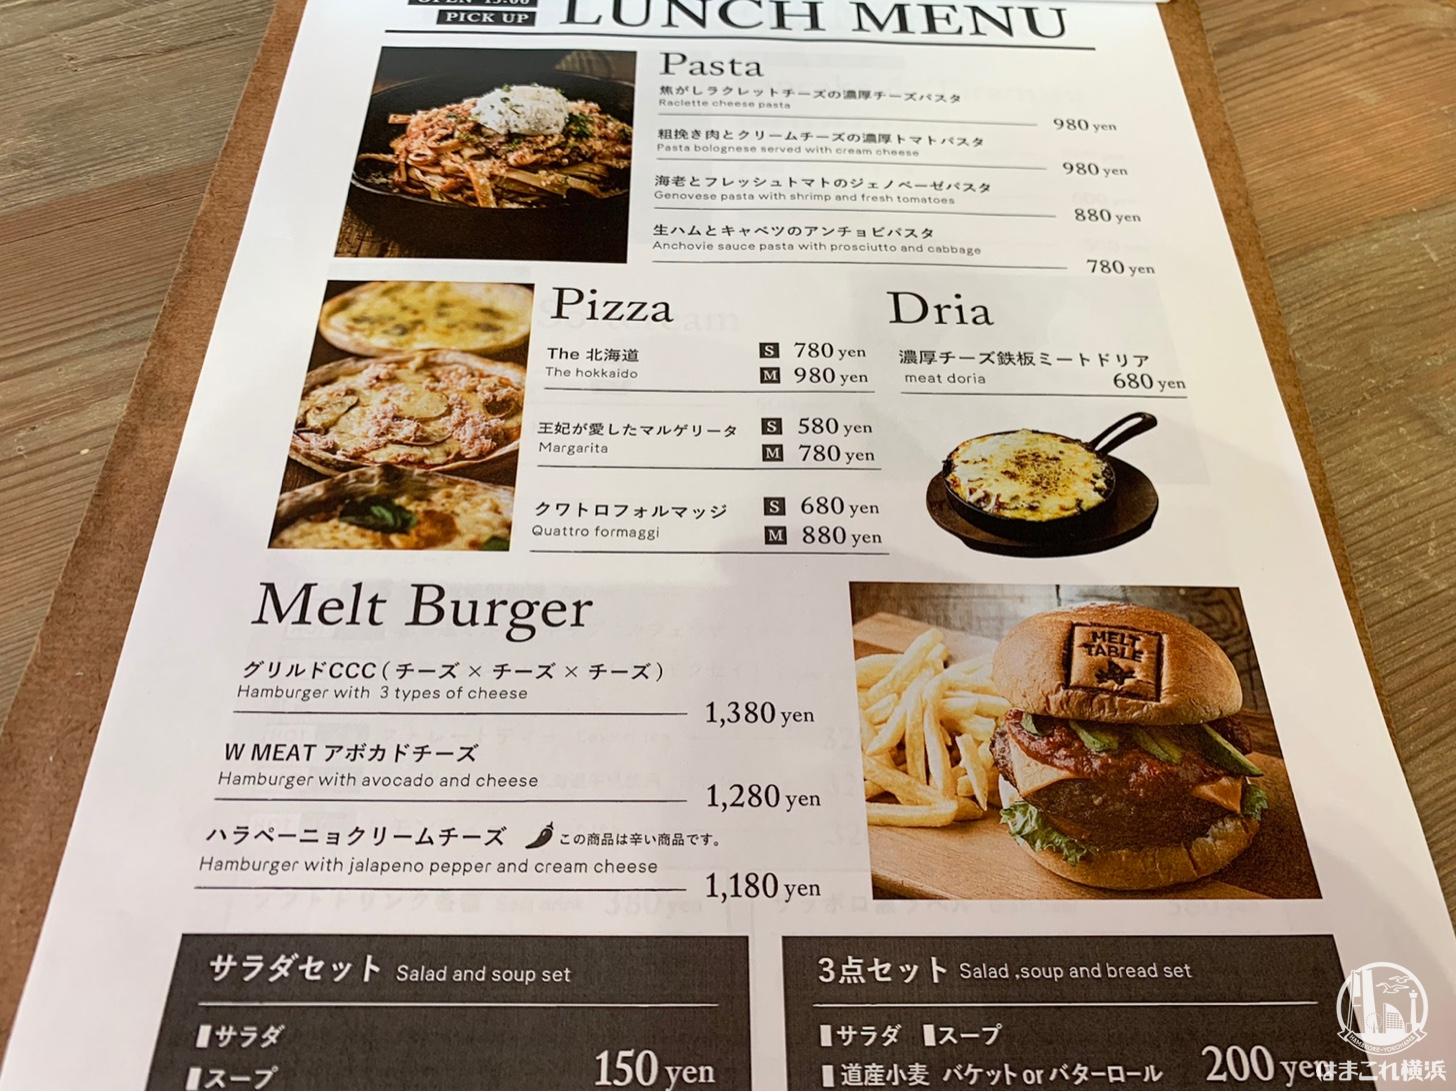 北海道 メルトテーブル メニュー